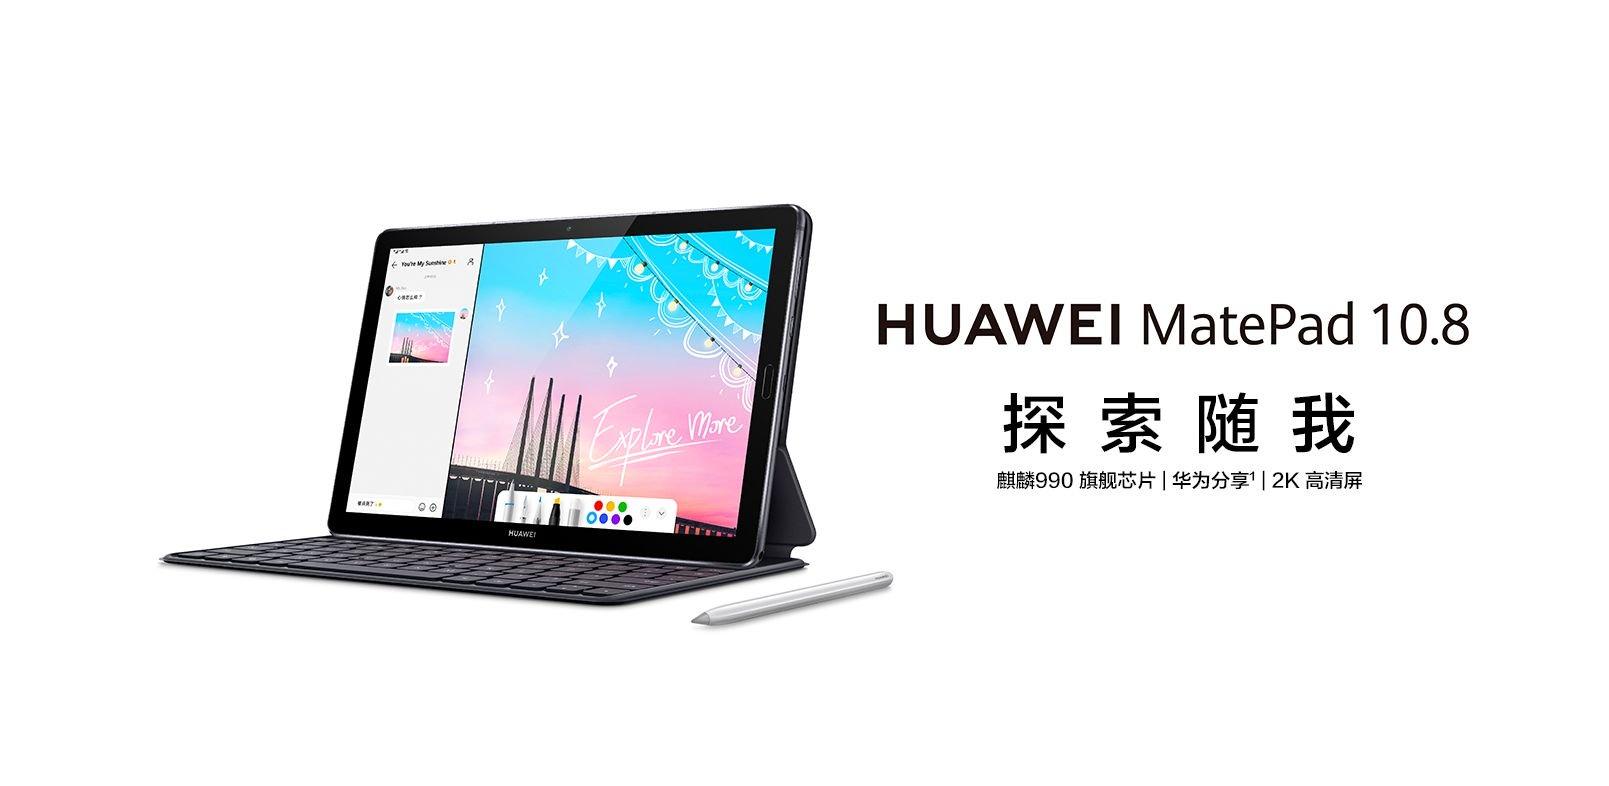 Huawei představil nový MatePad 10.8